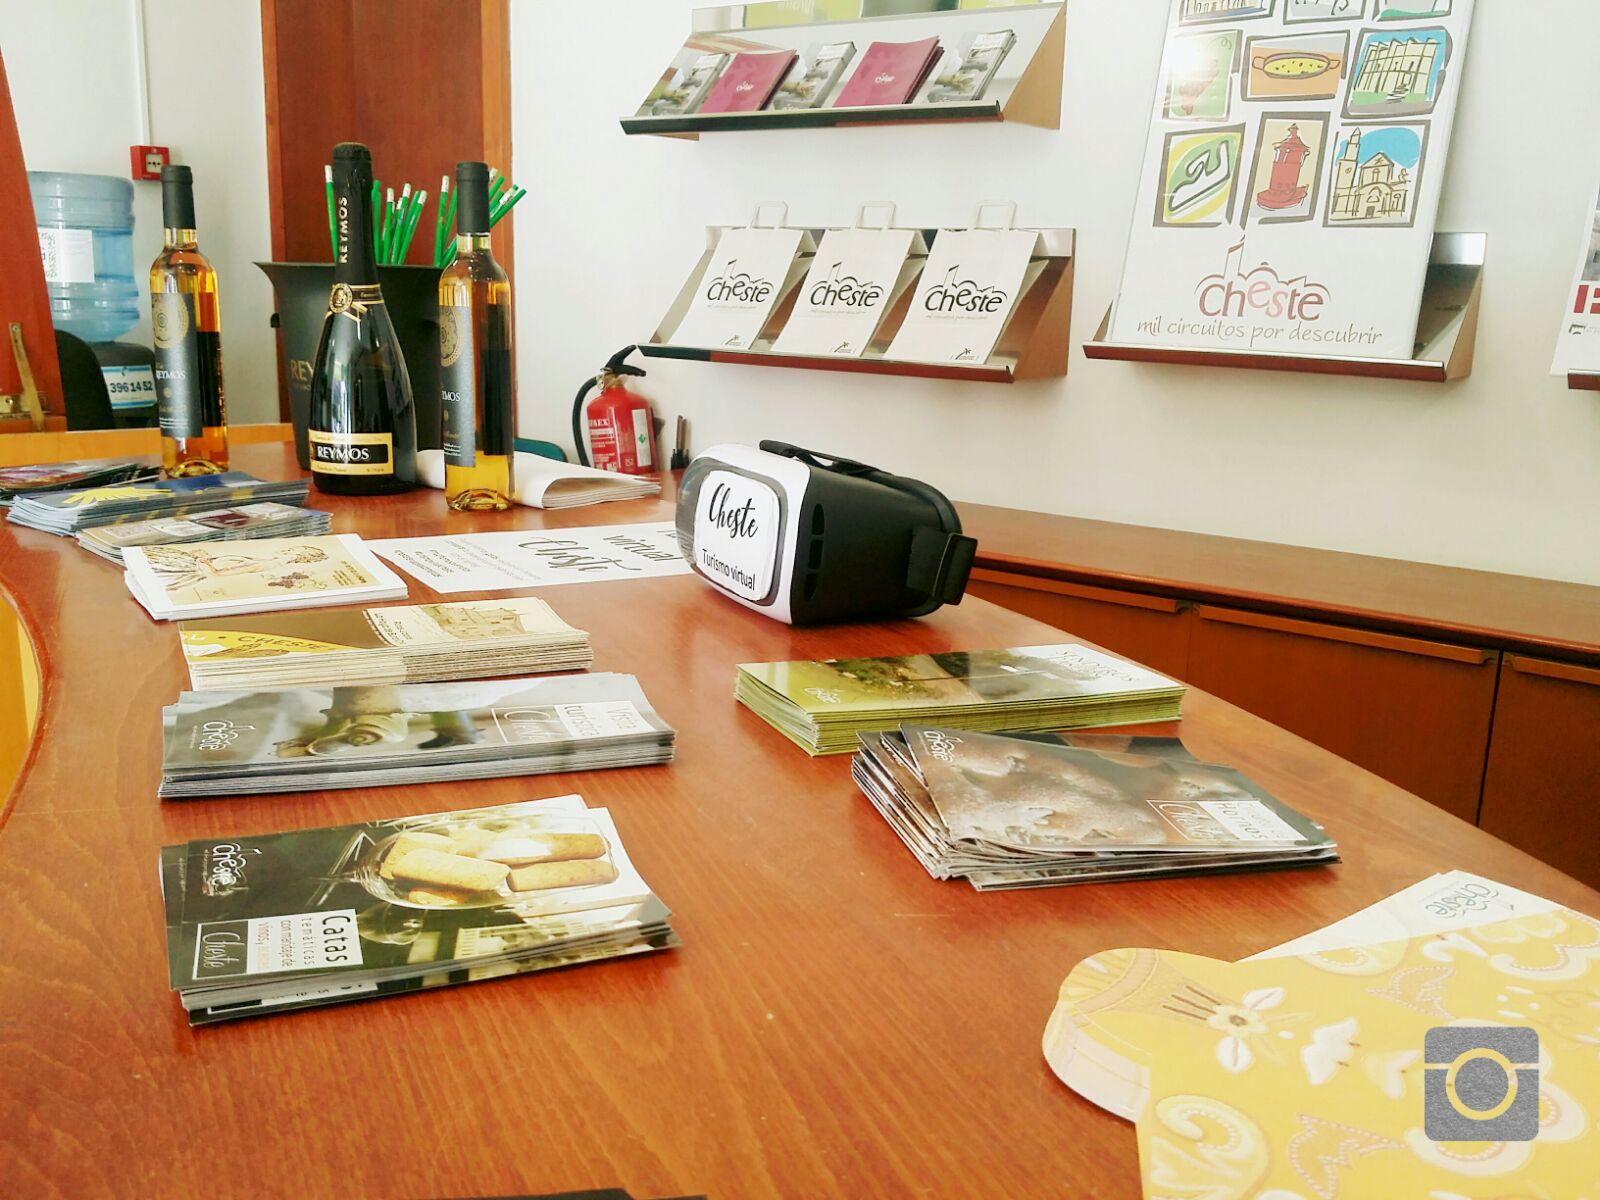 Cheste contará con un espacio en la Oficina de Promoción Provincial de la Diputación de Valencia para dar difusión a los recursos, atractivos y eventos locales.